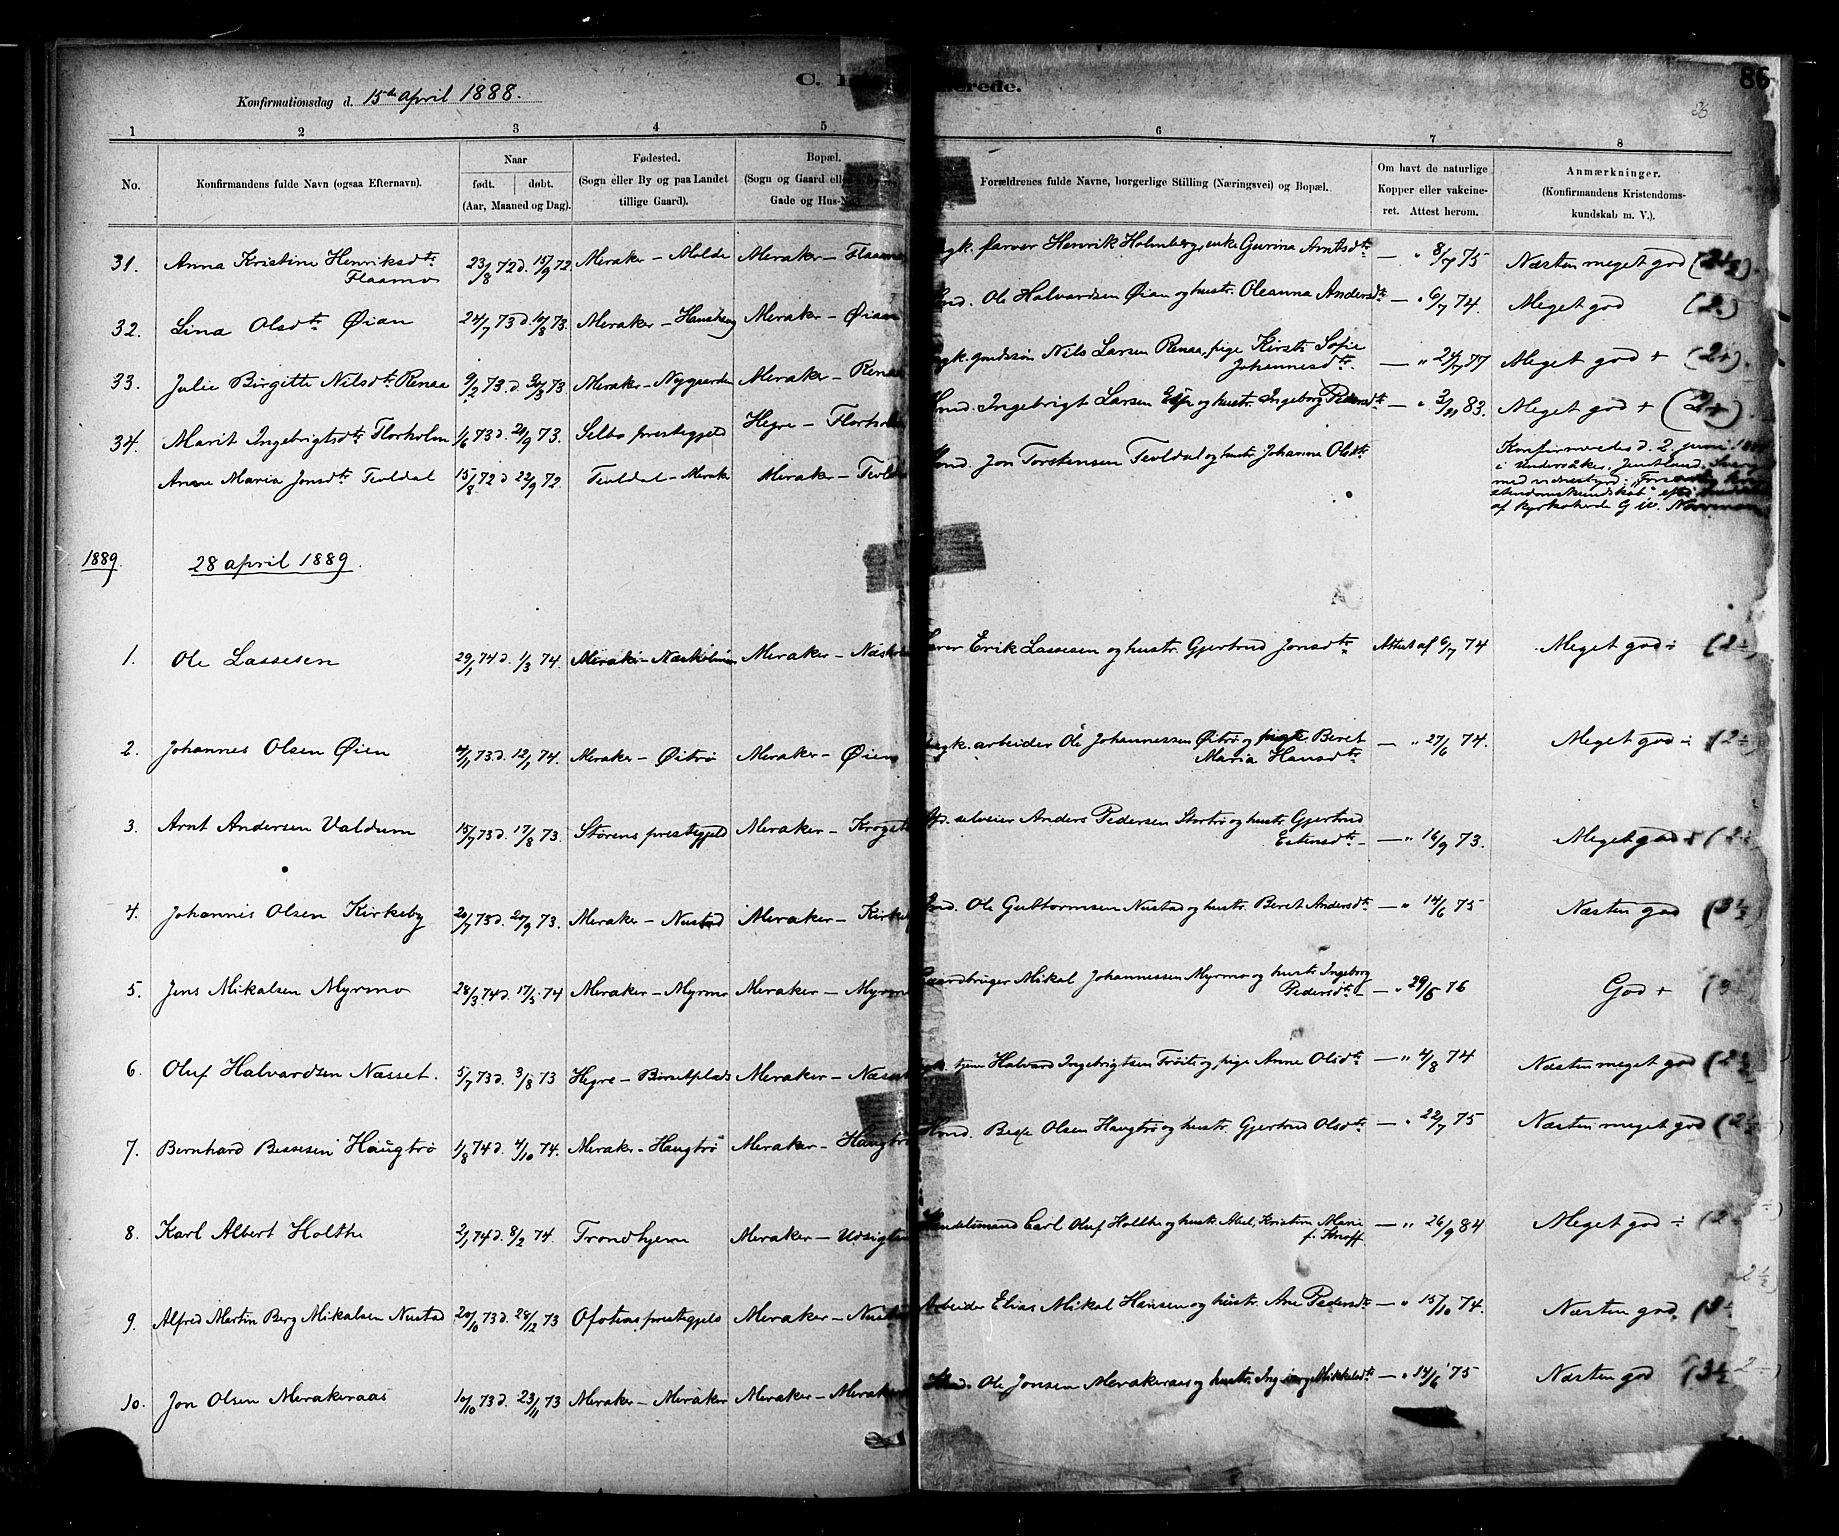 SAT, Ministerialprotokoller, klokkerbøker og fødselsregistre - Nord-Trøndelag, 706/L0047: Parish register (official) no. 706A03, 1878-1892, p. 86